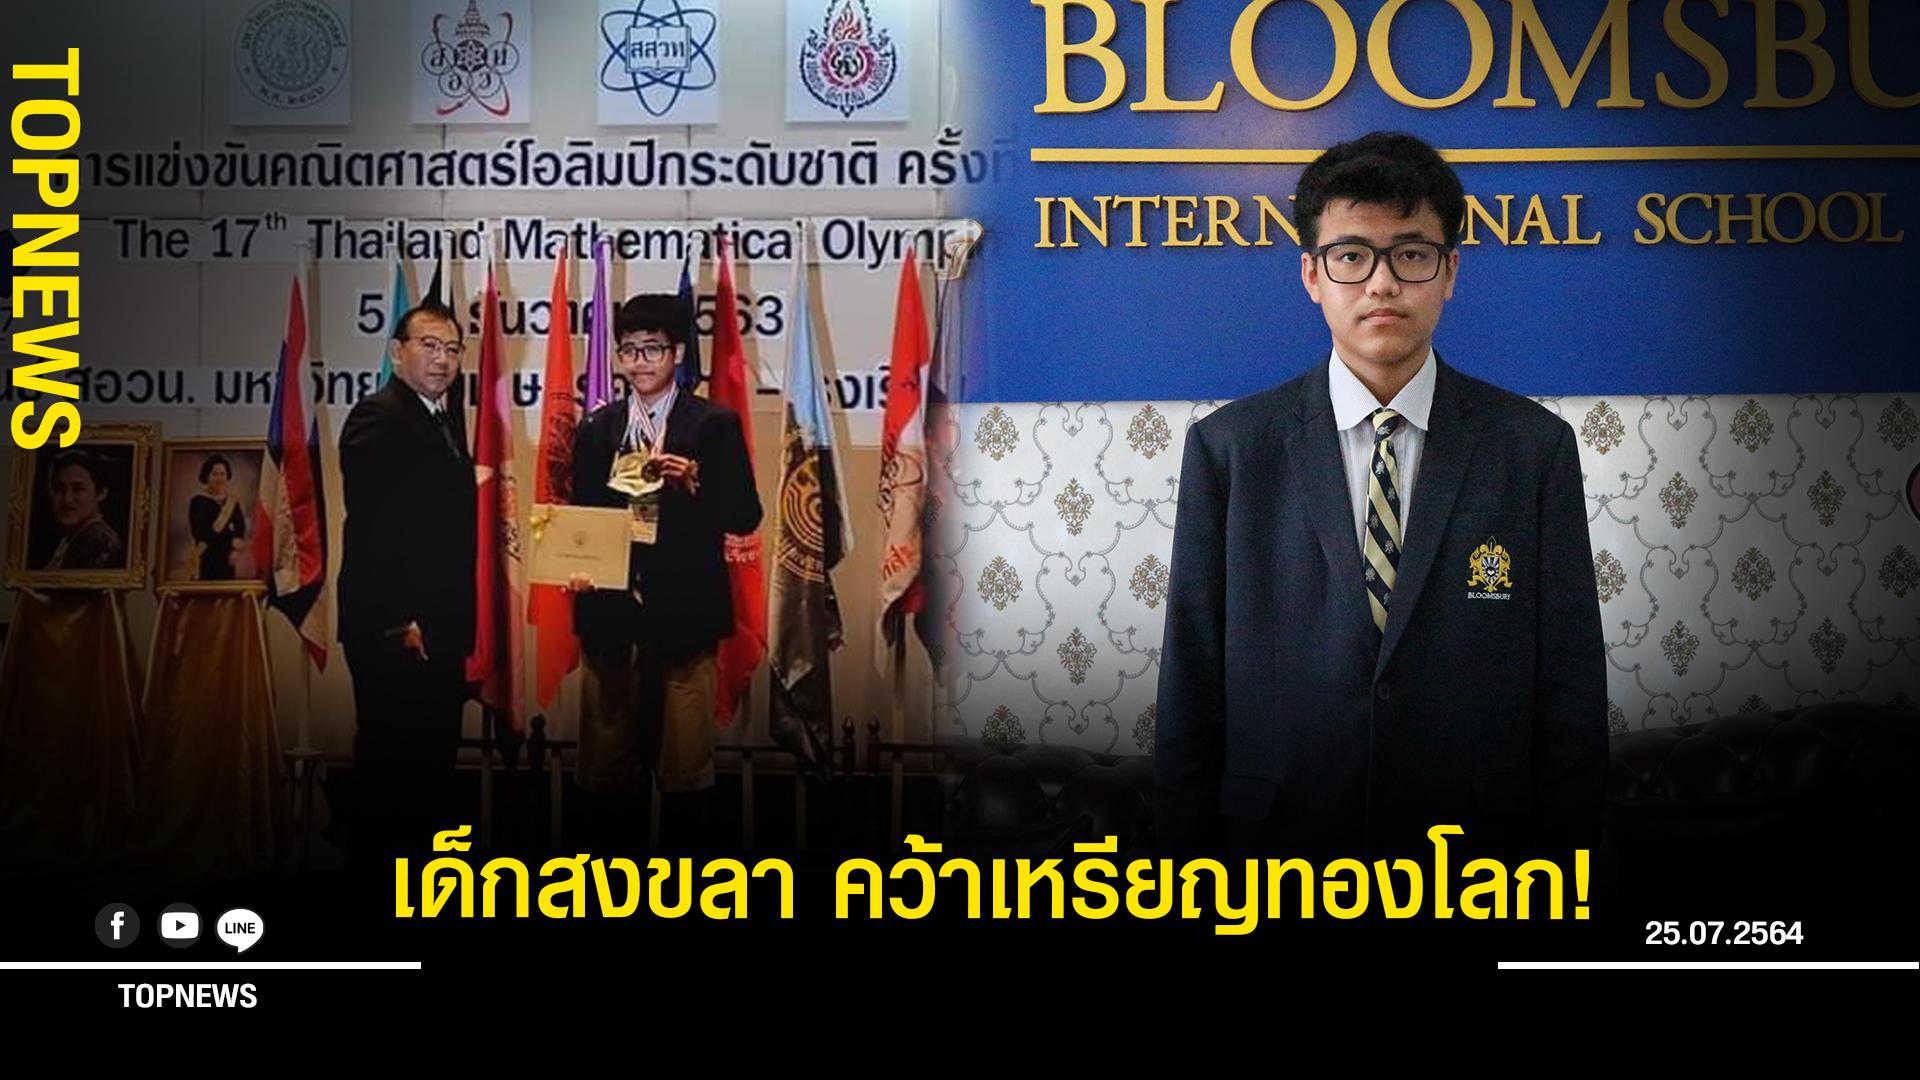 สุดภาคภูมิใจ! เด็กสงขลา หนึ่งเดียวในไทย คว้าเหรียญทองคณิตศาสตร์ โอลิมปิกระดับโลก!